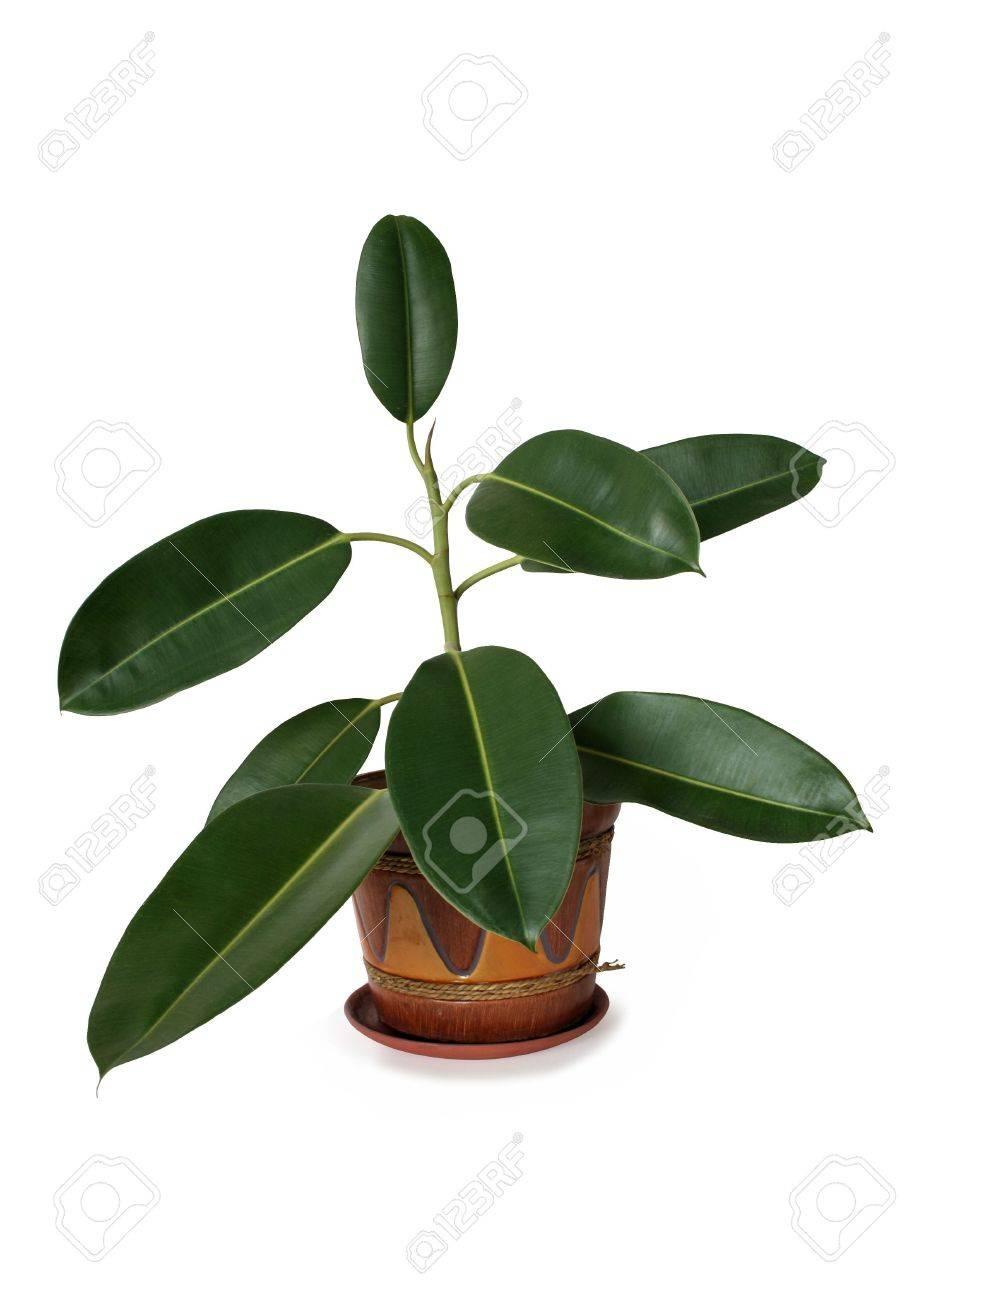 Grote Groene Plant.Gea Soleerde Binnen Plant Met Grote Groene Bladeren In Nice Bloempot